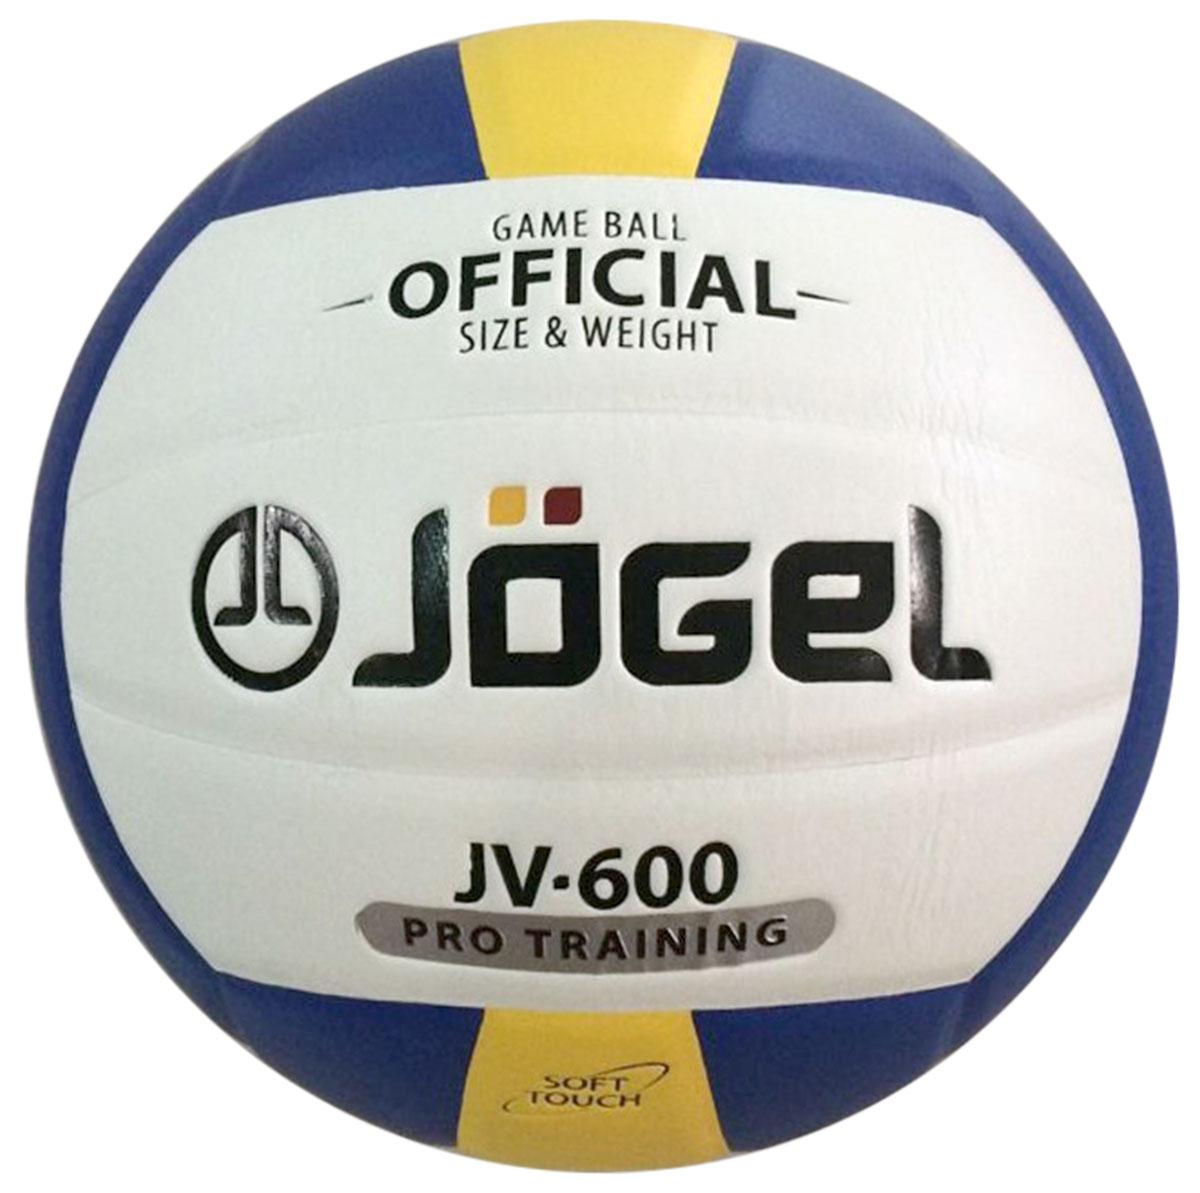 Мяч волейбольный Jogel, цвет: синий, желтый. Размер 5. JV-600120330_yellow/blackКлееный волейбольный мяч Jogel предназначен для профессиональных тренировок. Покрышка выполнена из мягкой высококачественнойсинтетической кожи (полиуретан). В создании применена технология Soft Touch, которая имитирует натуральную кожу и обеспечивает правильныйотскок. Мяч состоит из 18 панелей и бутиловой камеры, также армирован одним подкладочным слоем, изготовленным из ткани. Мяч рекомендован для тренировок команд среднего и высокого уровня, а также соревнований любительских и средних команд.Вес: 260-280 гр.Длина окружности: 65-67 см. Рекомендованное давление: 0.29-0.32 бар. УВАЖАЕМЫЕ КЛИЕНТЫ! Обращаем ваше внимание на тот факт, что мяч поставляется в сдутом виде. Насос в комплект не входит.